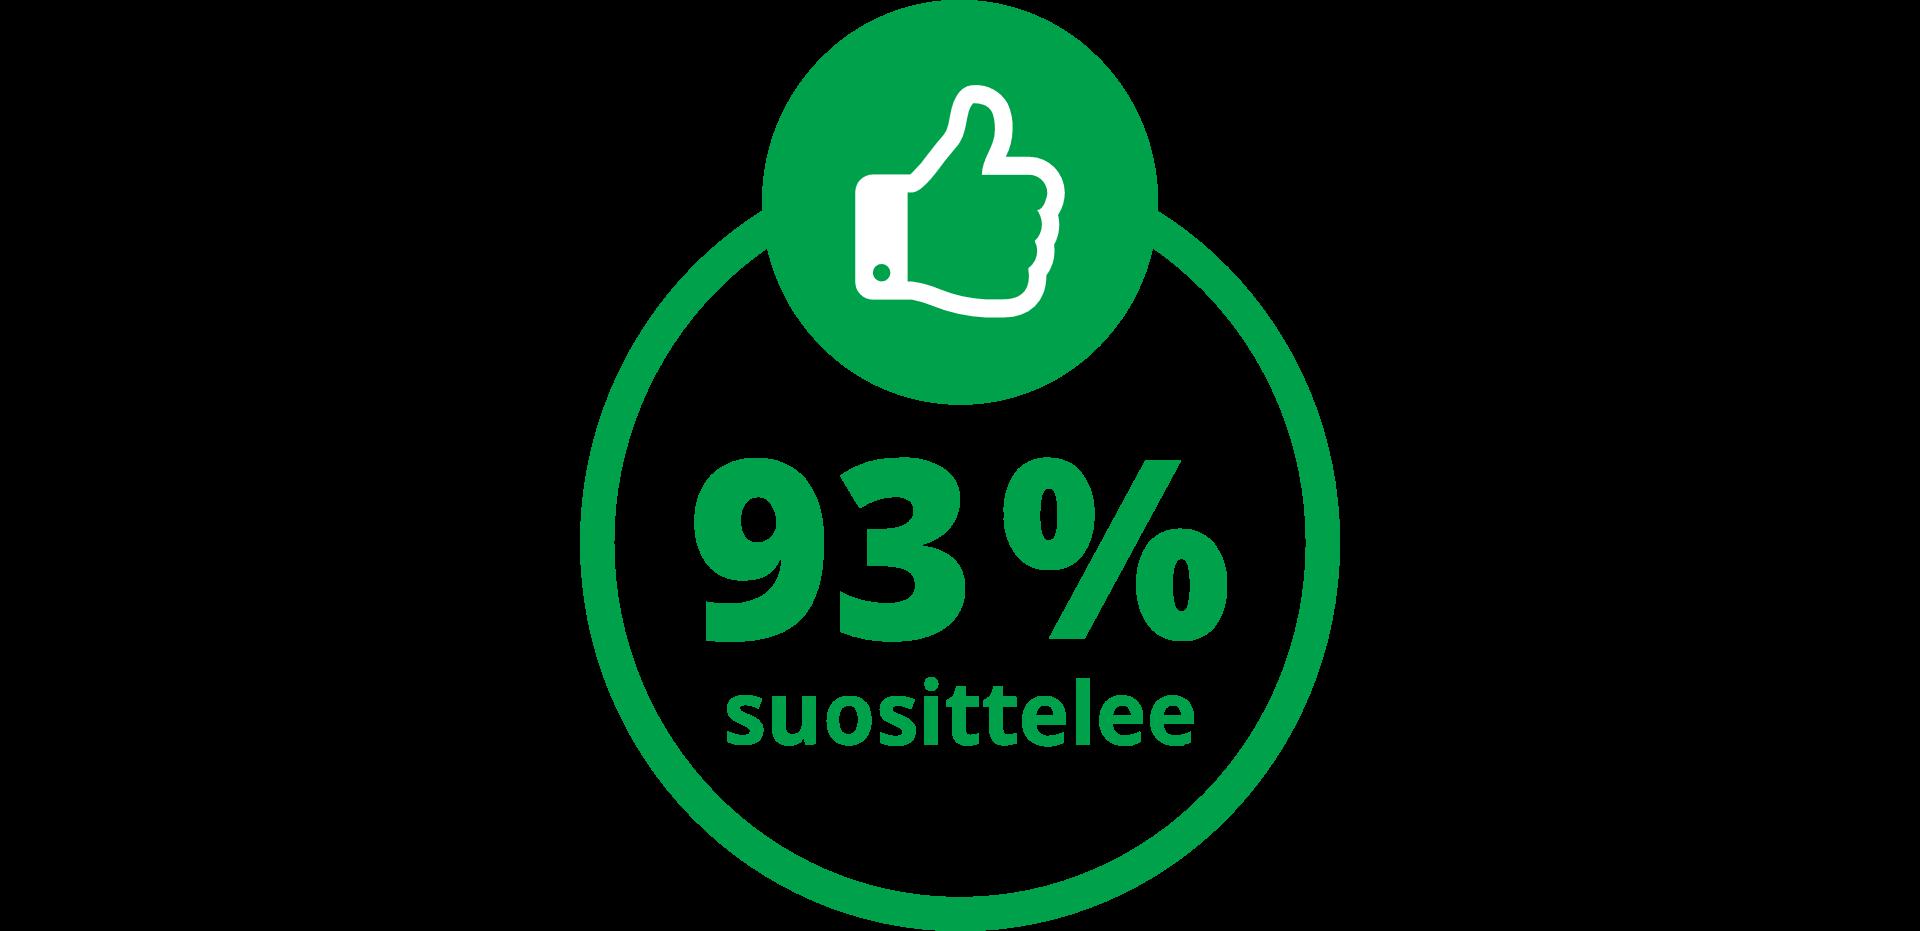 Asiakastyytyväisyys on meille kunnia-asia - Mittautamme asiakkaiden tyytyväisyyttä jatkuvasti, voidaksemme parantaa toimintaamme. Olemme toteuttaneet yli 30 000 energia- ja putkiremonttia, joista 93% suosittelee meitä tuttavilleen.